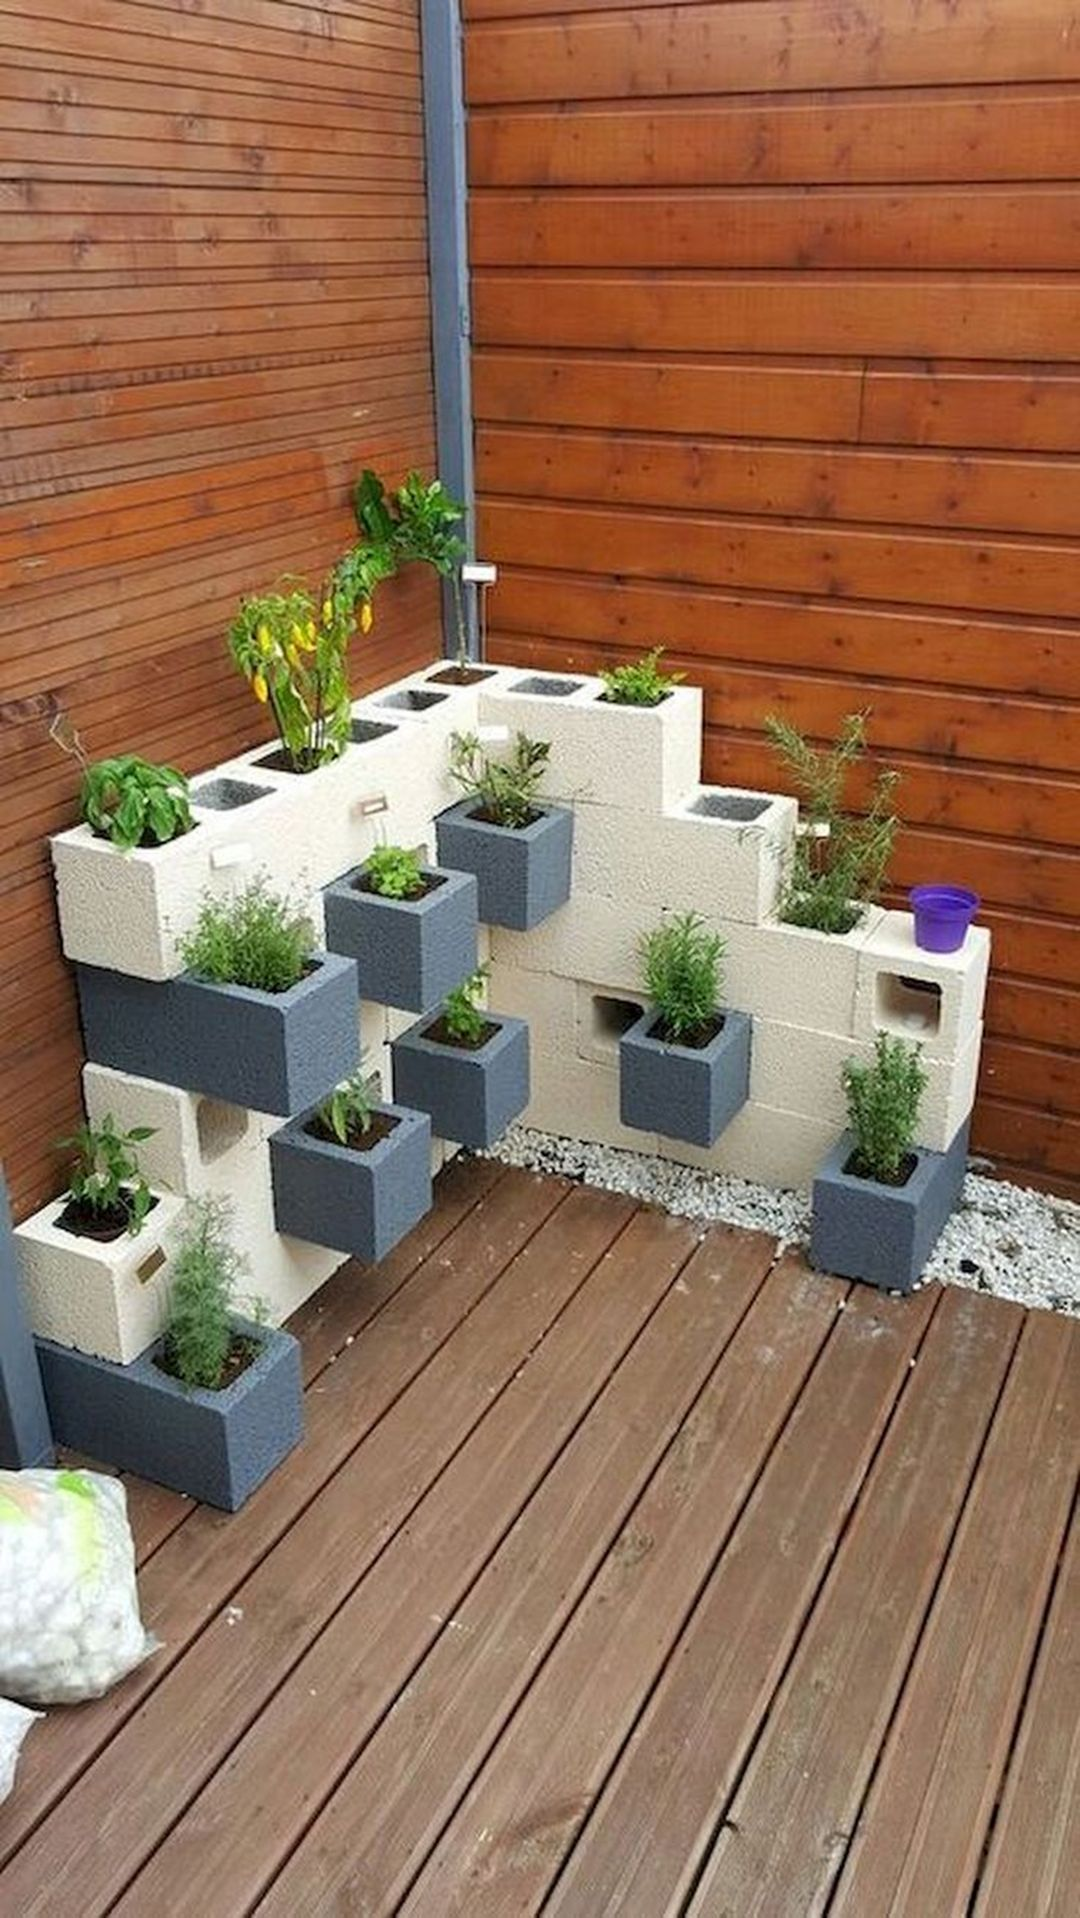 10+ Unique DIY Cinder Block Garden Ideas For Home Look